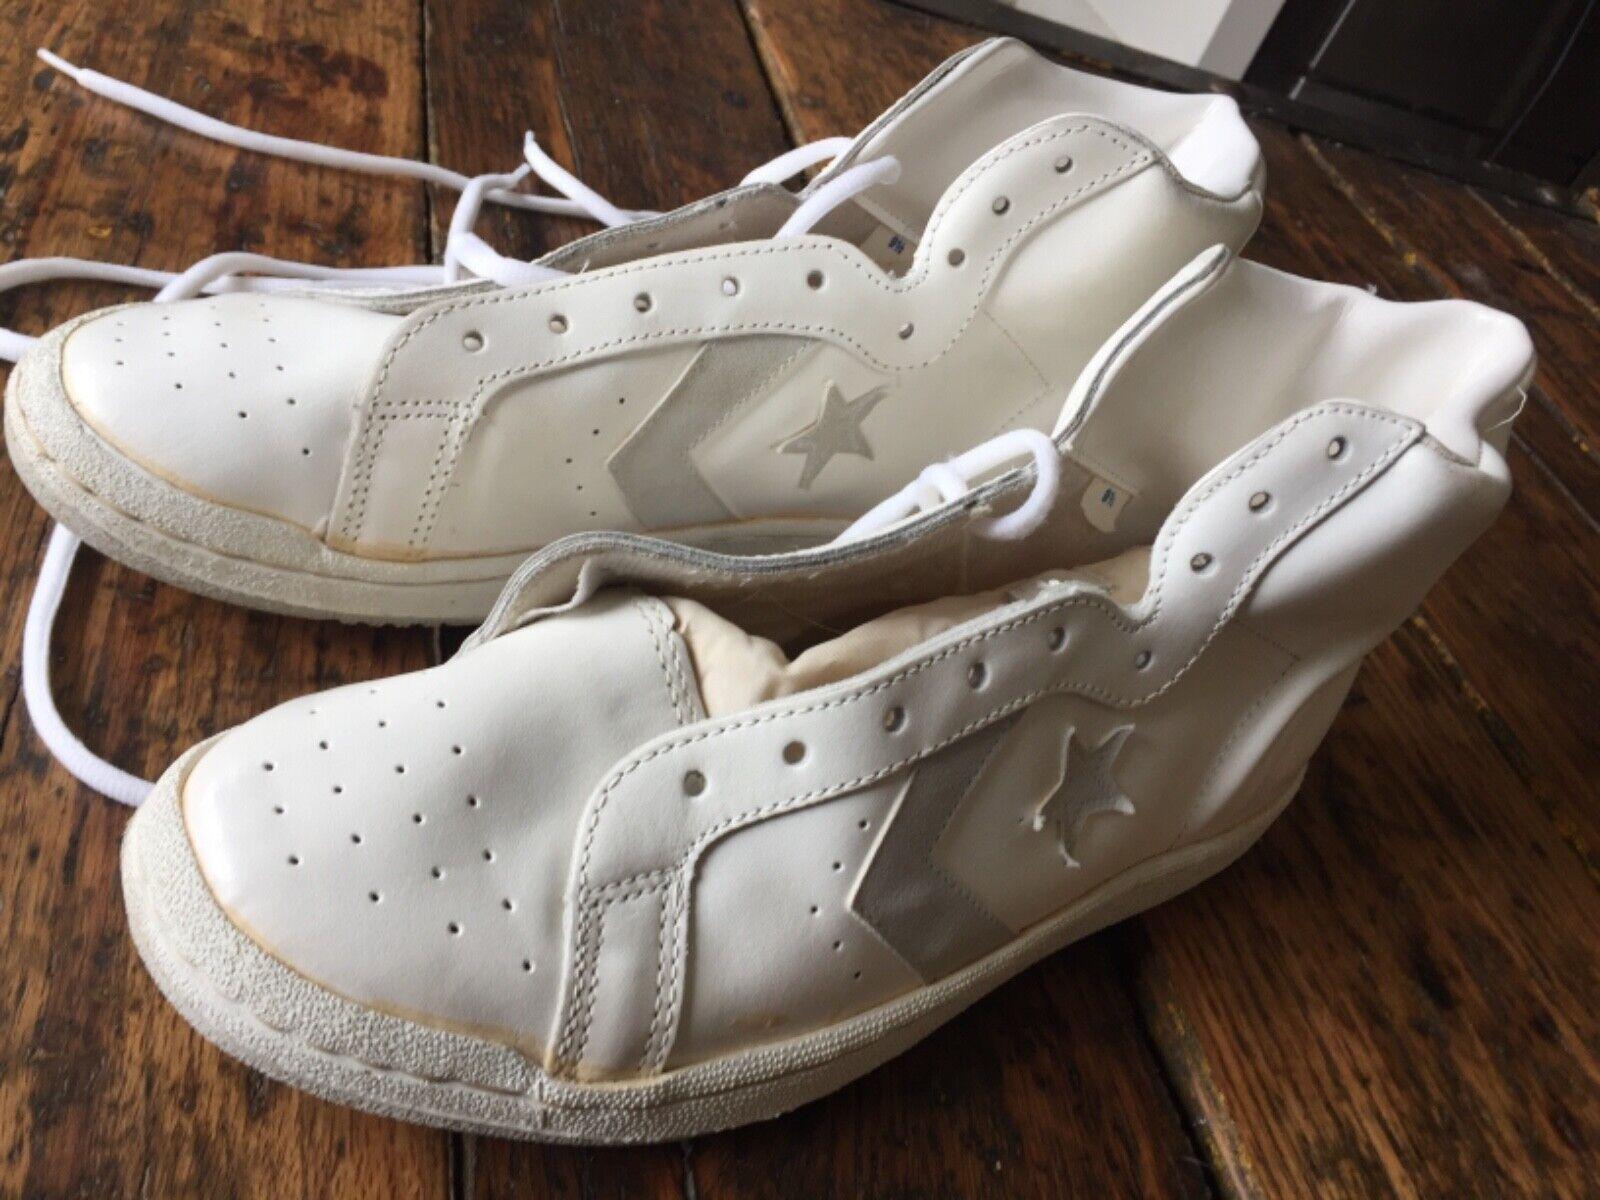 CONVERSE Pro Leather All Star scarpe scarpe scarpe bianca Made in the USA Dimensione US 9.5 e52bc8